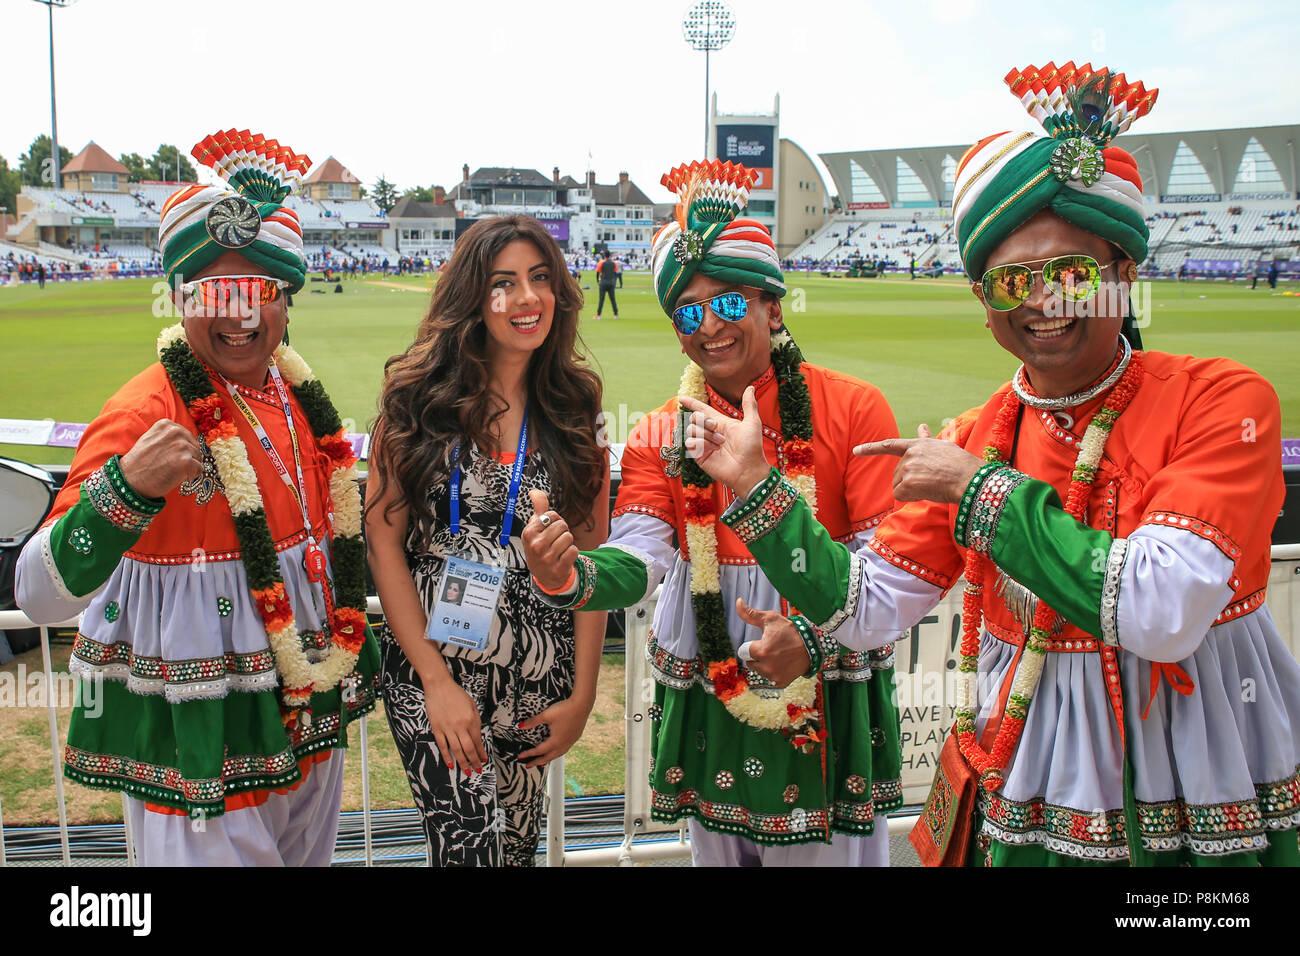 Trent Bridge, Nottingham, England, UK. 12. Juli 2018. 1. ODI, Royal London eintägiger Serie England V Indien; Indien Fans in voller Kleid Credit: Aktuelles Bilder/Alamy leben Nachrichten Stockfoto